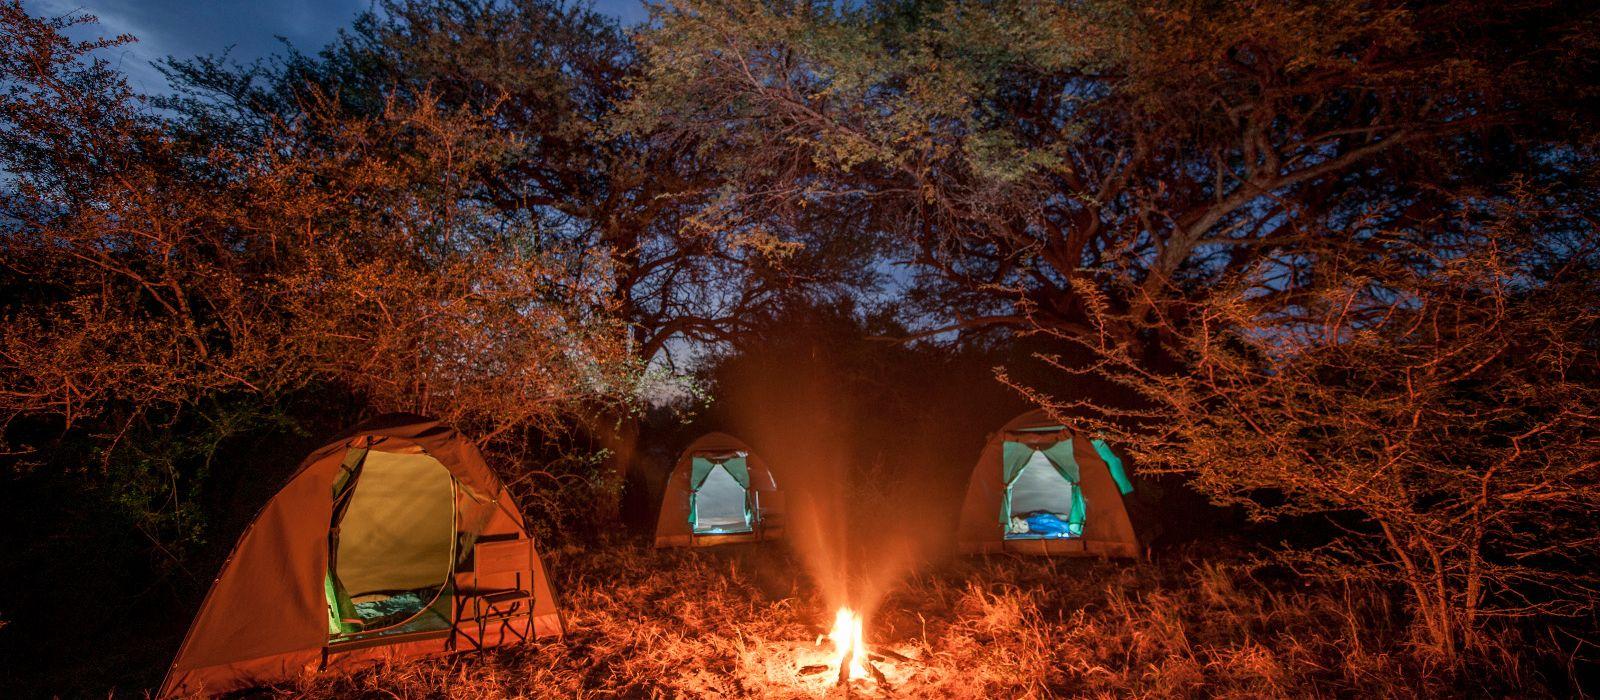 Hotel Bushways Mobile Bush Camp Botswana